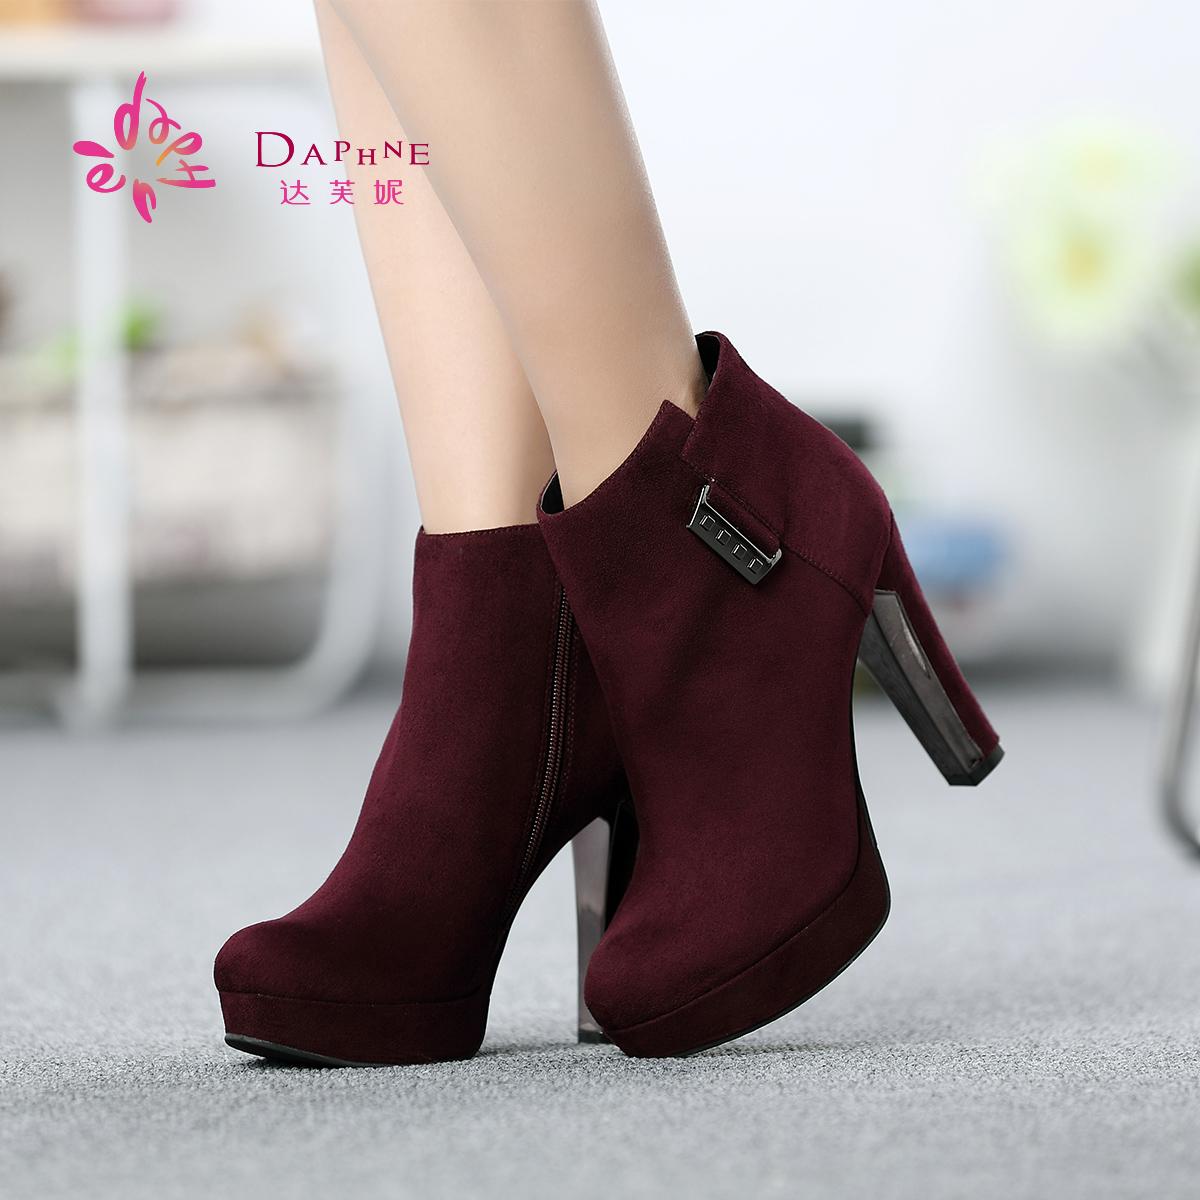 Daphne/达芙妮14年冬新品 超高跟时尚亮片英伦风女短靴1014605258